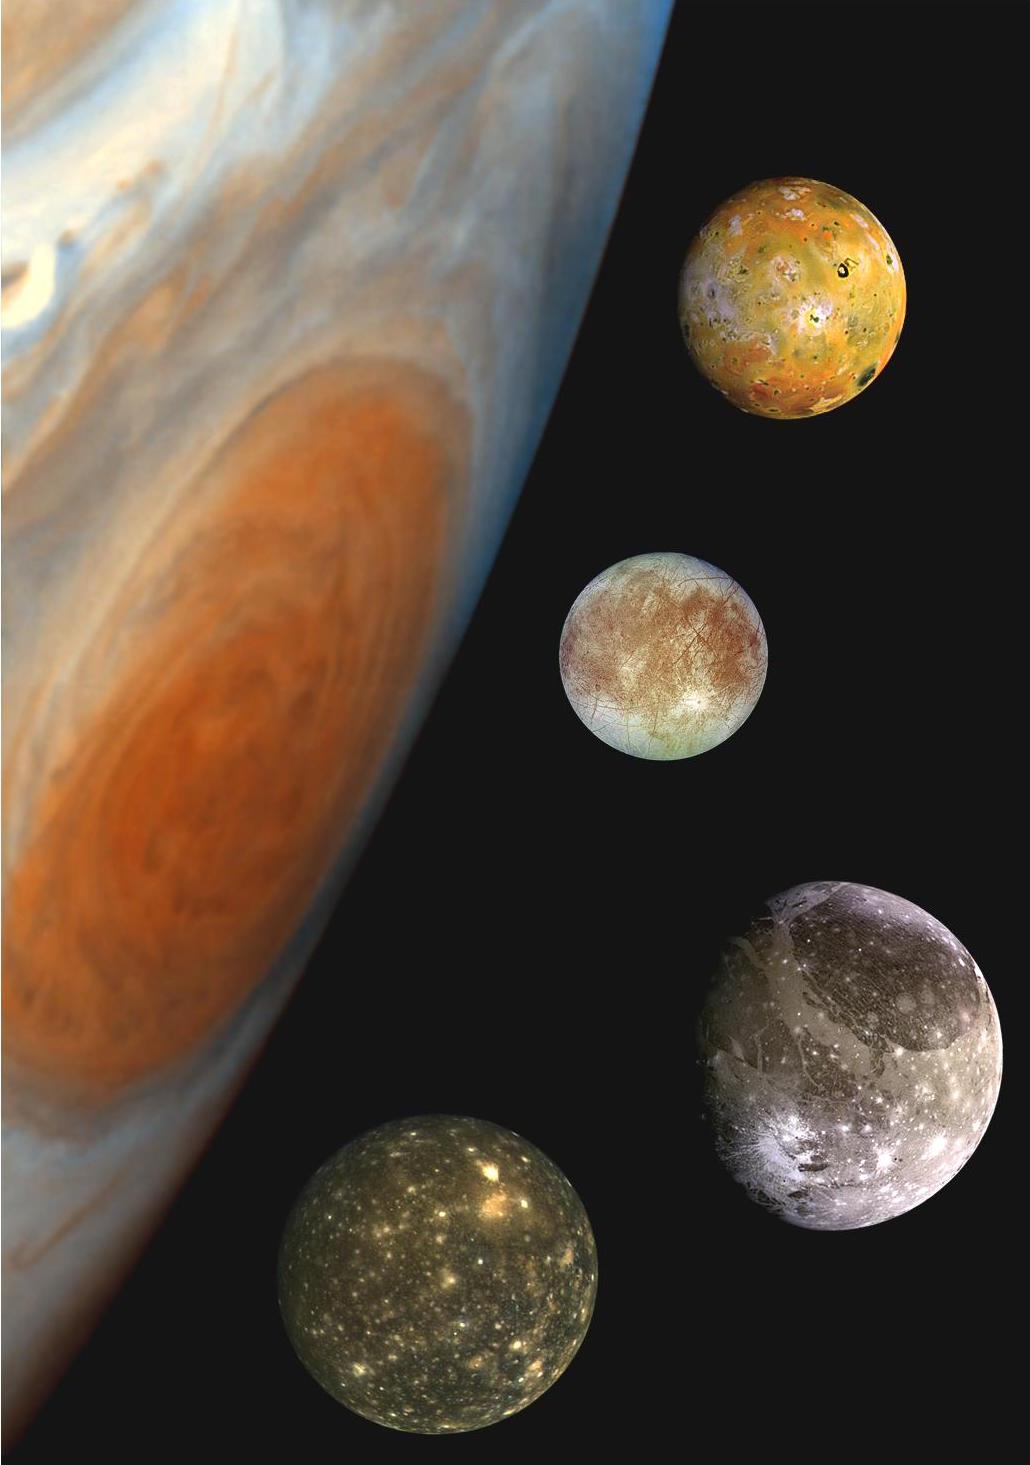 Europa, Ganimedes, Calisto i Io w zestawieniu z Wielką Czerwoną Plamą. Pierwsze trzy to księżyce lodowe Jowisza, czyli główny cel misji Juice.